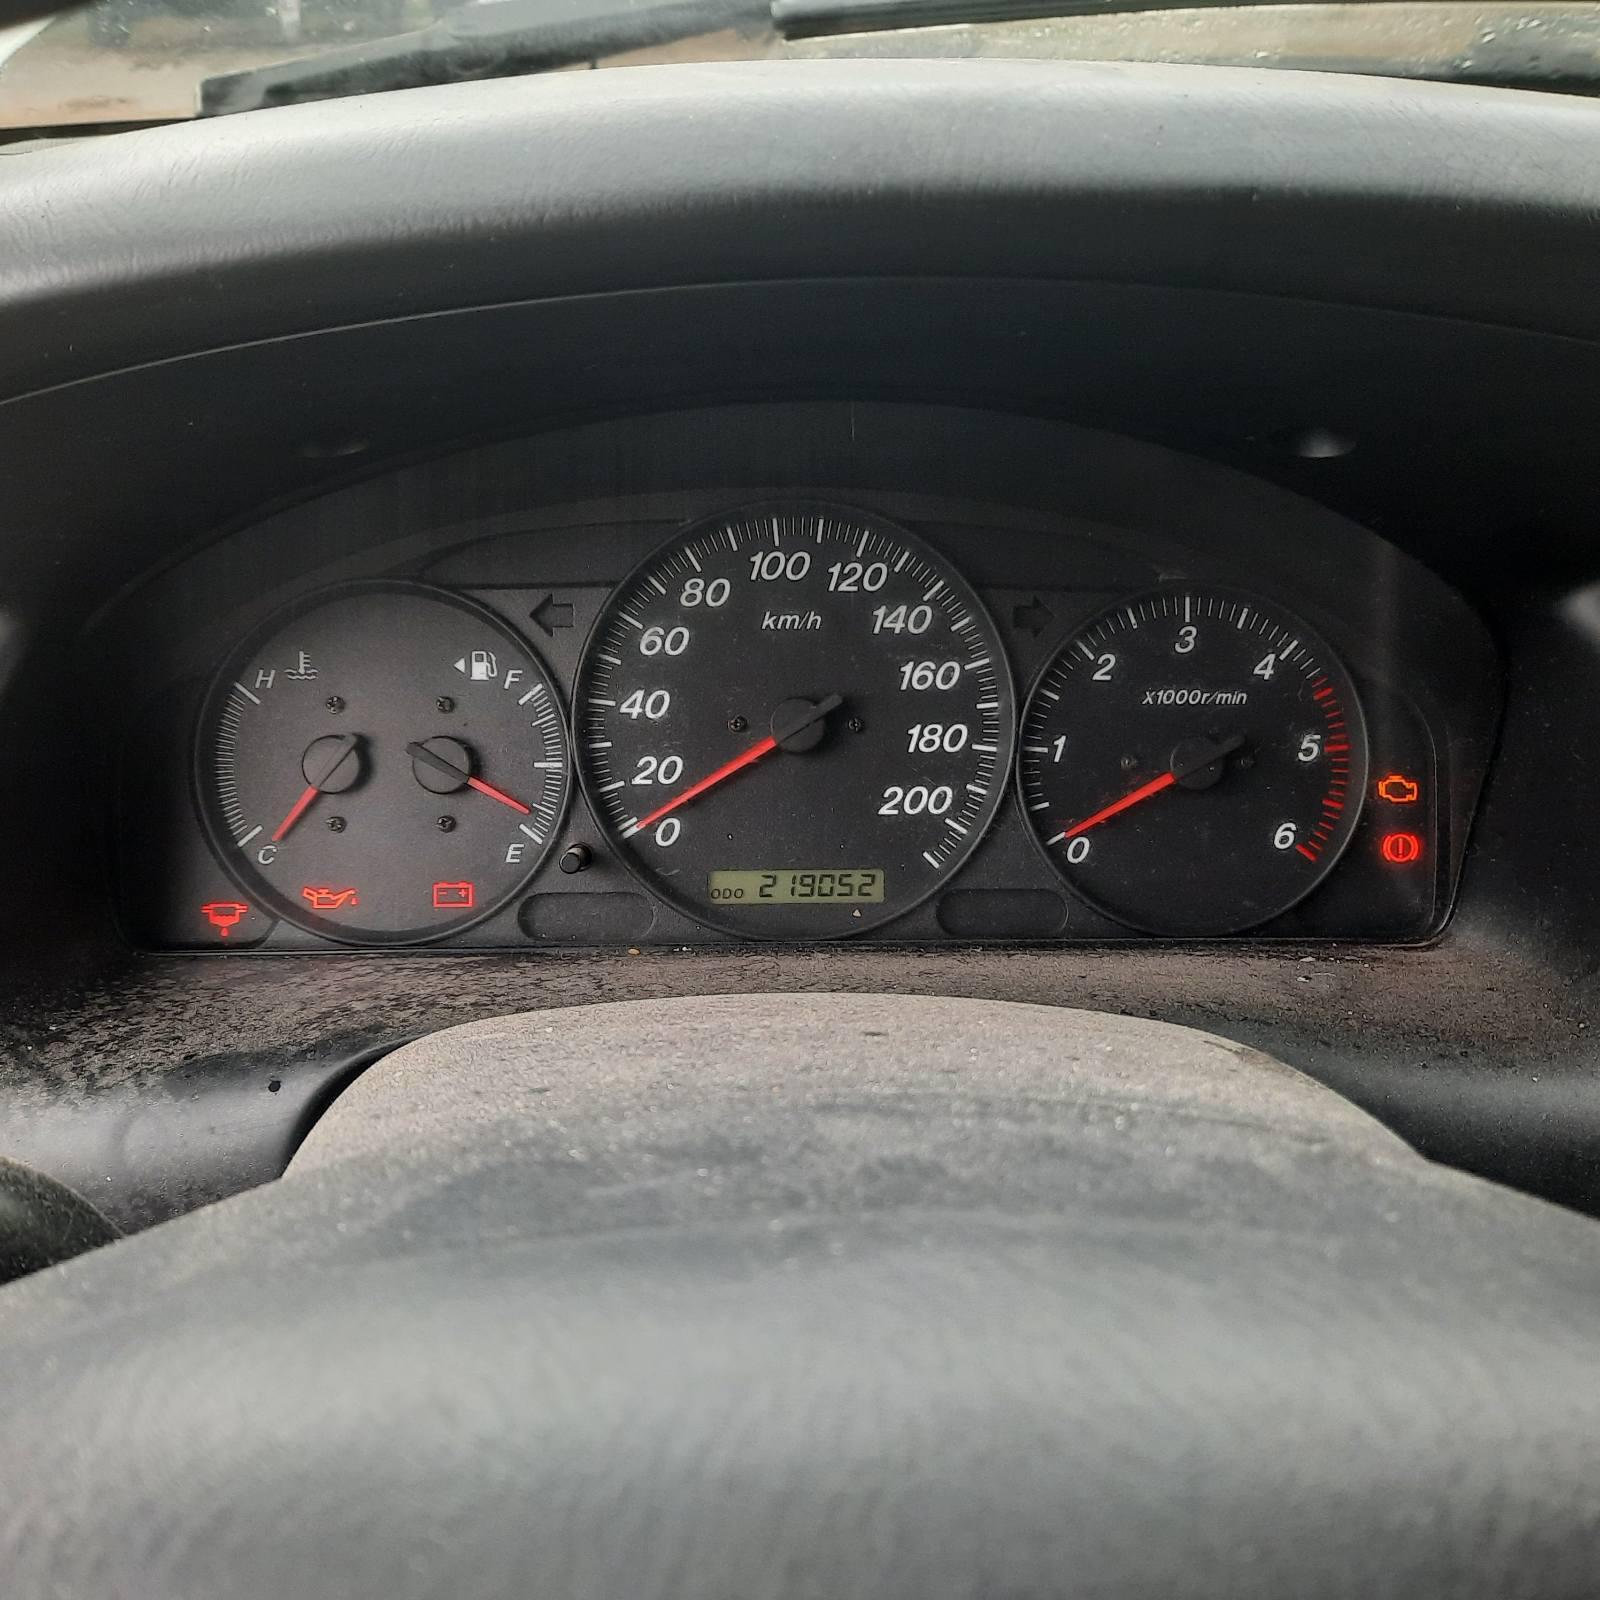 Подержанные Автозапчасти Mazda MPV 2003 2.0 машиностроение минивэн 4/5 d. Серый 2021-7-23